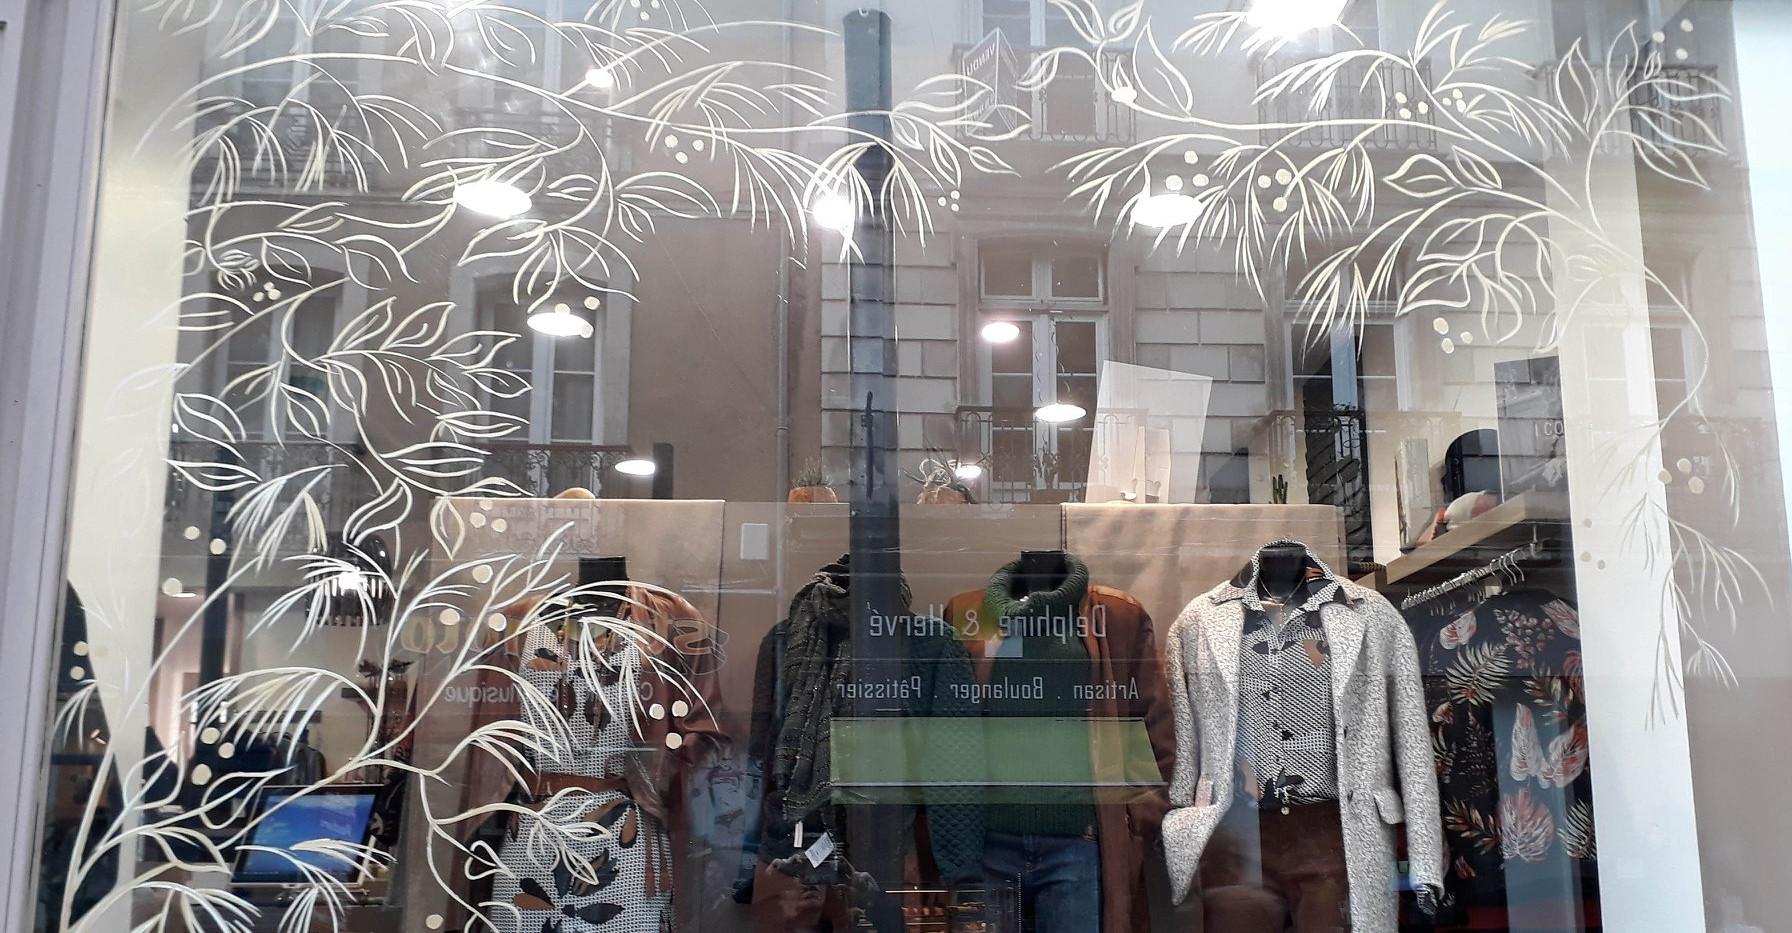 Boutique Poême - décor vitrine peint à la main - Adelles.jpg